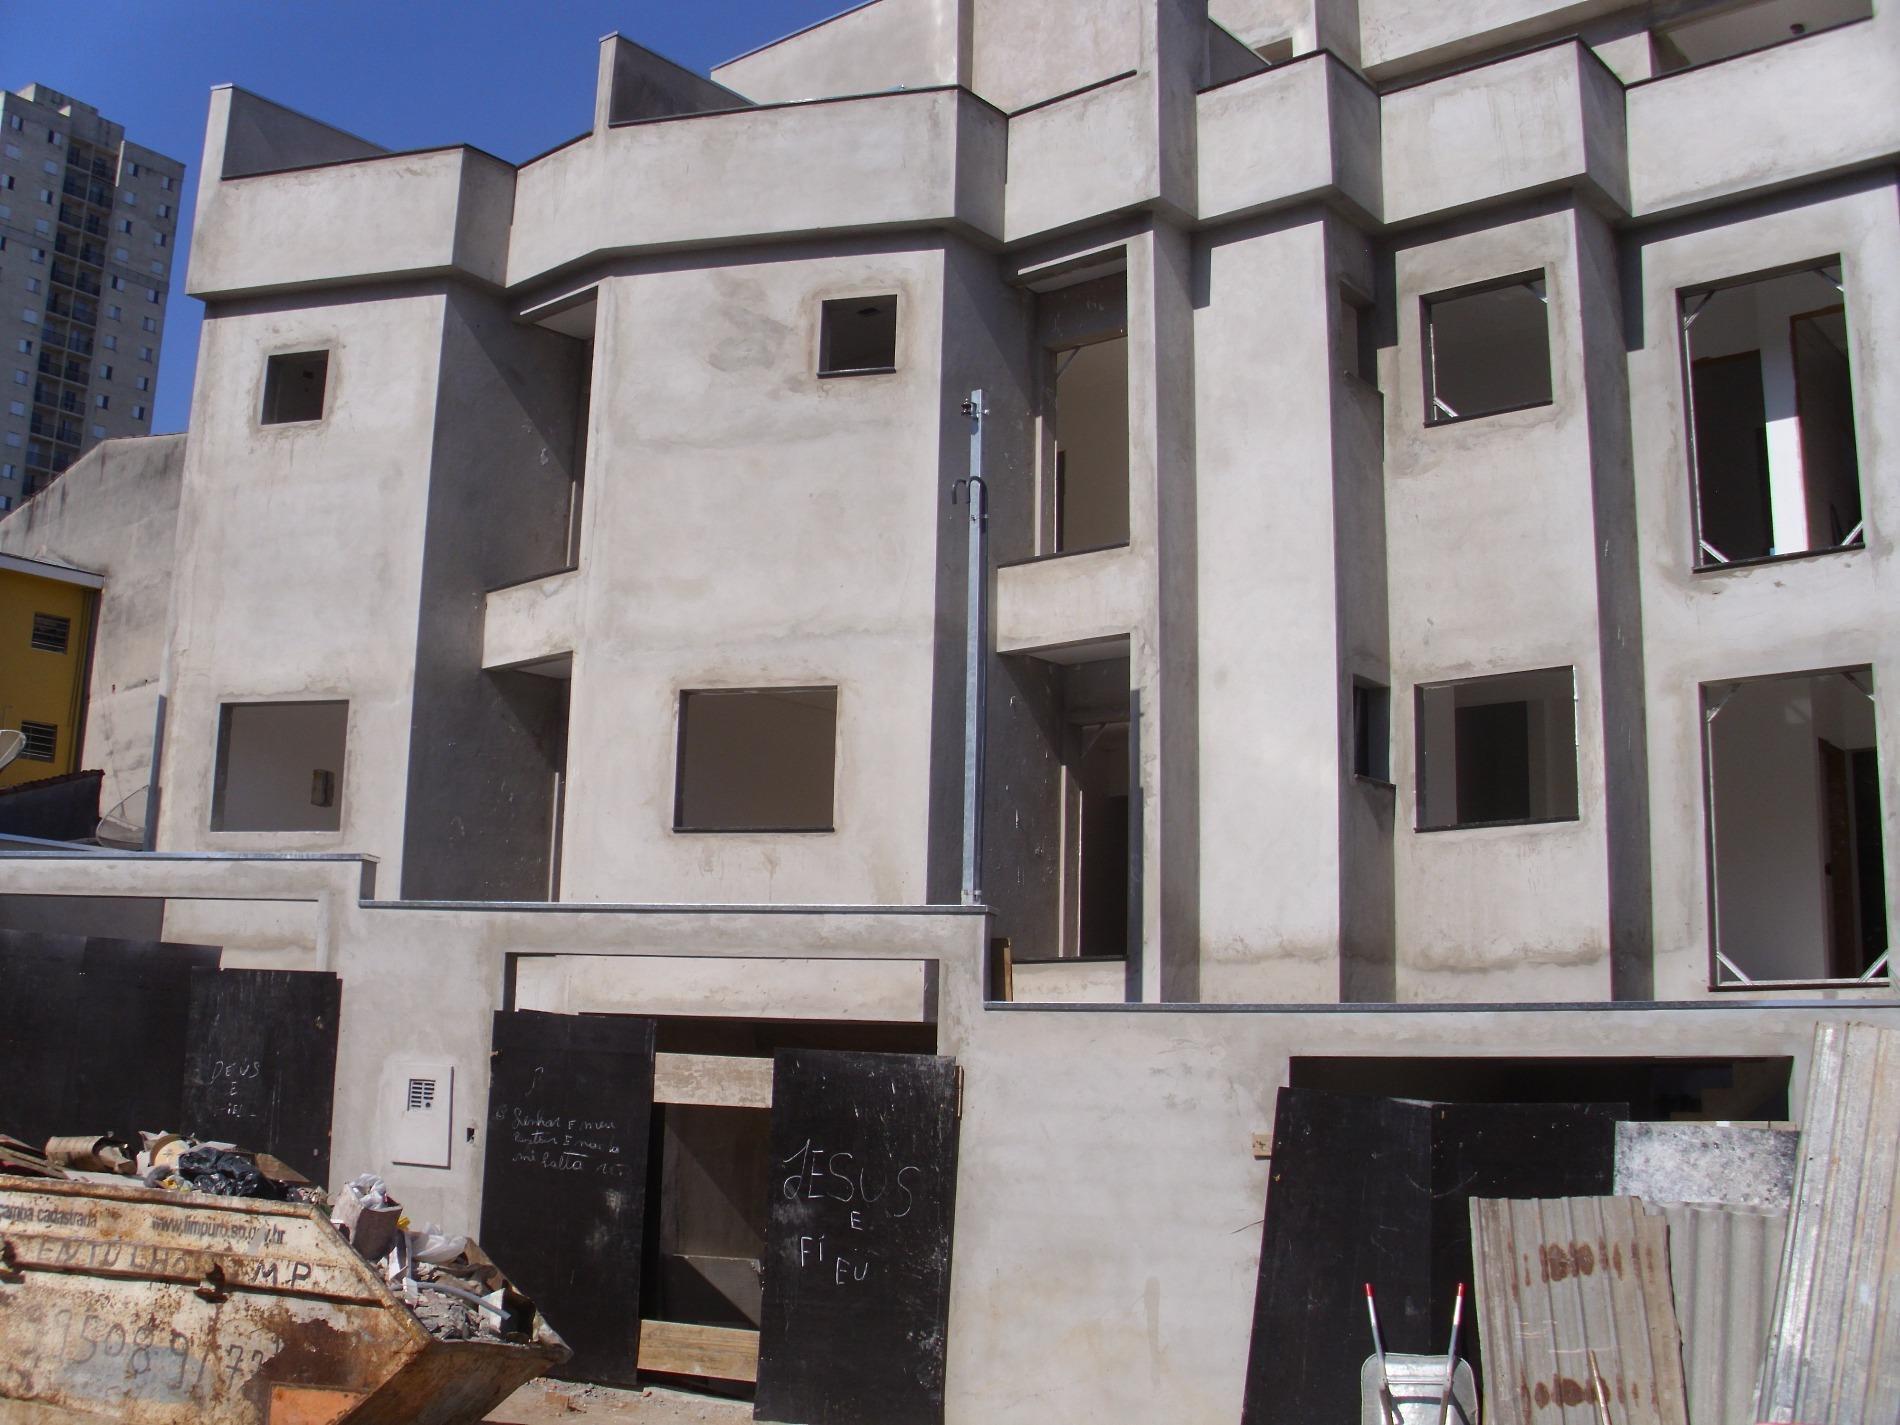 Sobrado de 2 dormitórios à venda em Parque João Ramalho, Santo André - SP